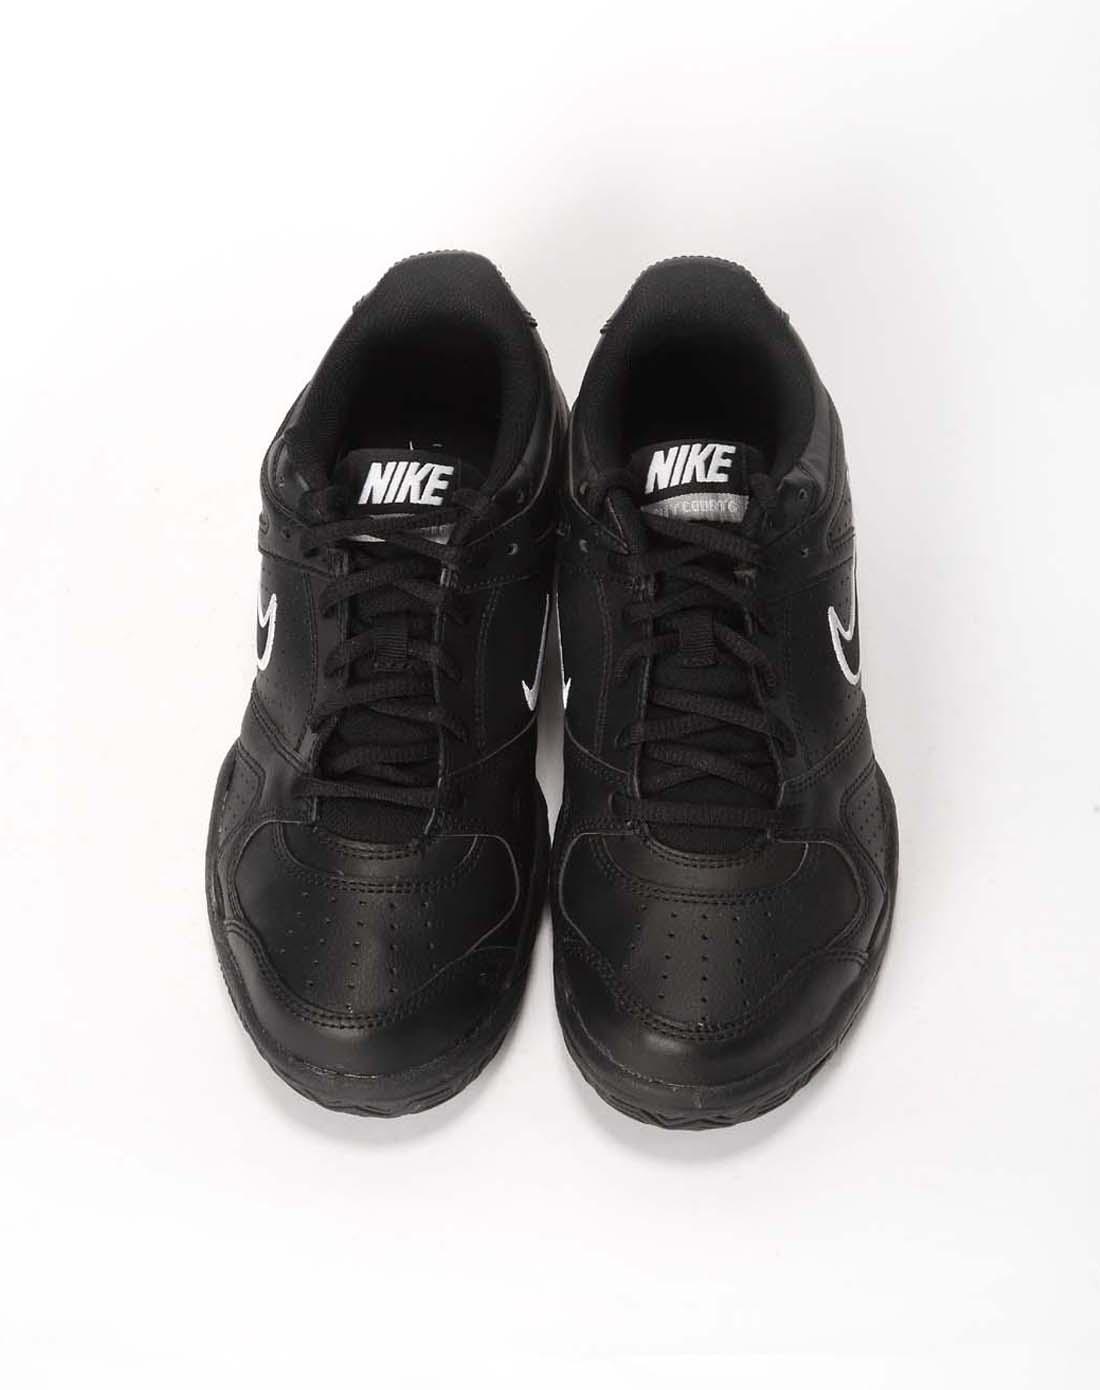 耐克nike-男子黑色网球鞋429636-003